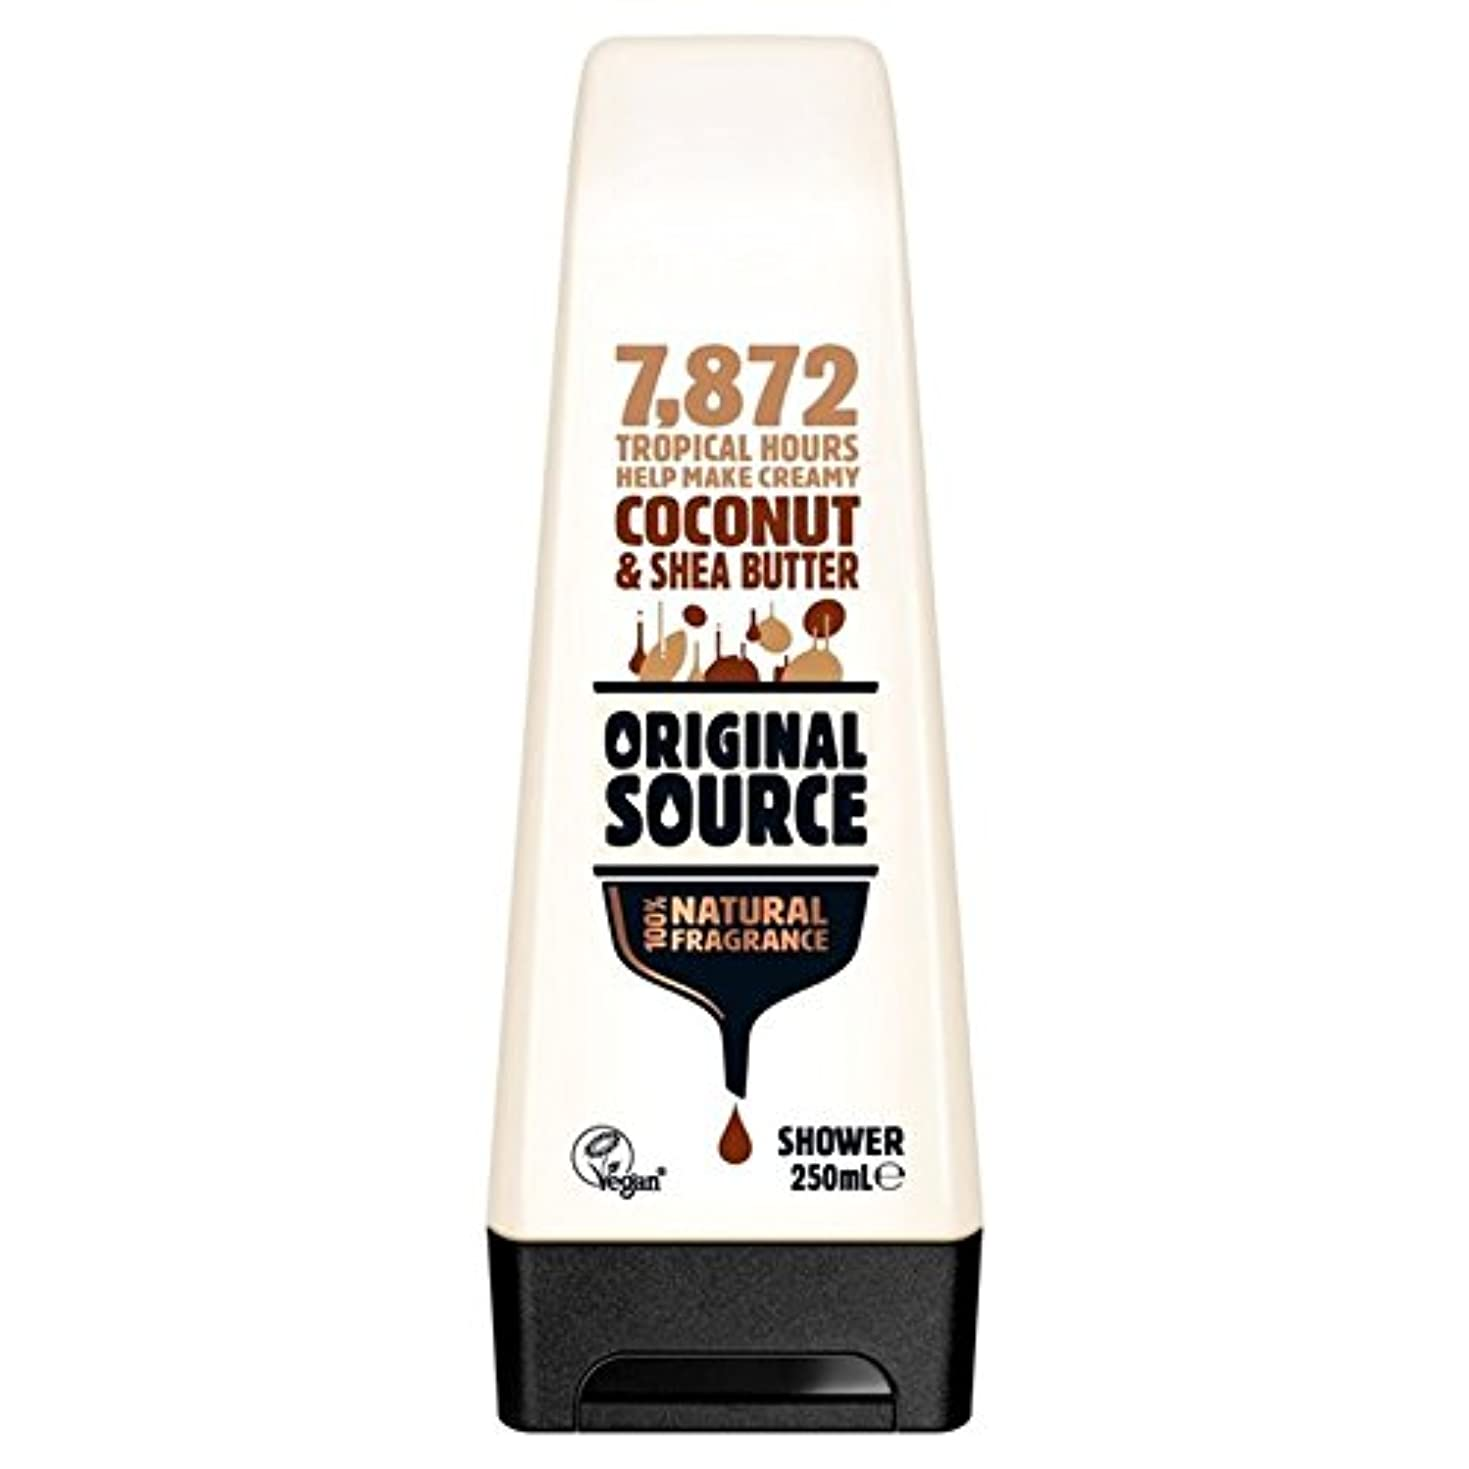 慣れるプラスマートOriginal Source Moisturising Coconut & Shea Butter Shower Gel 250ml - 元のソース保湿ココナッツ&シアバターシャワージェル250ミリリットル [並行輸入品]